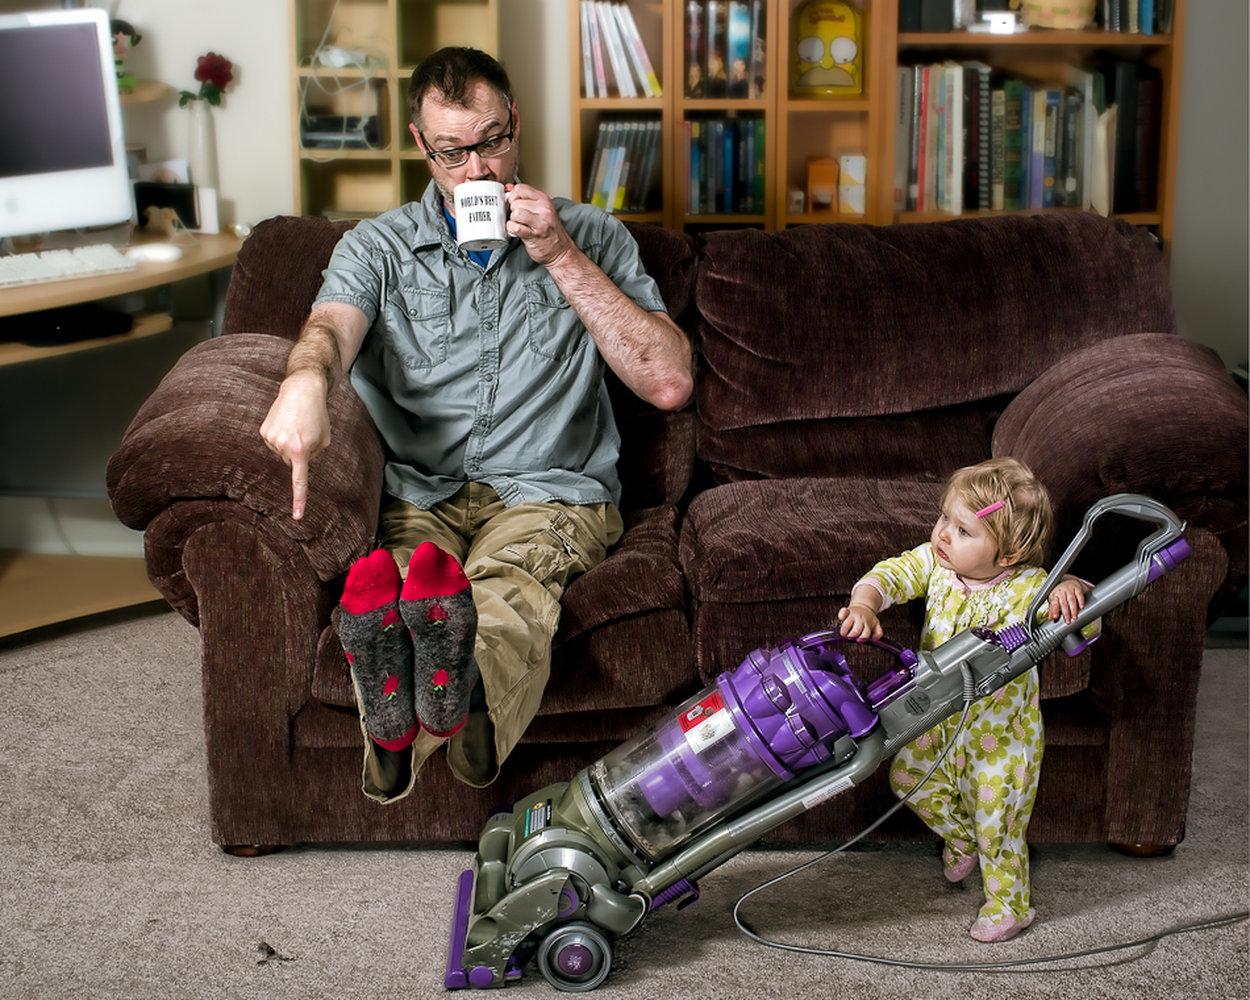 Картинки с детьми и родителями смешные